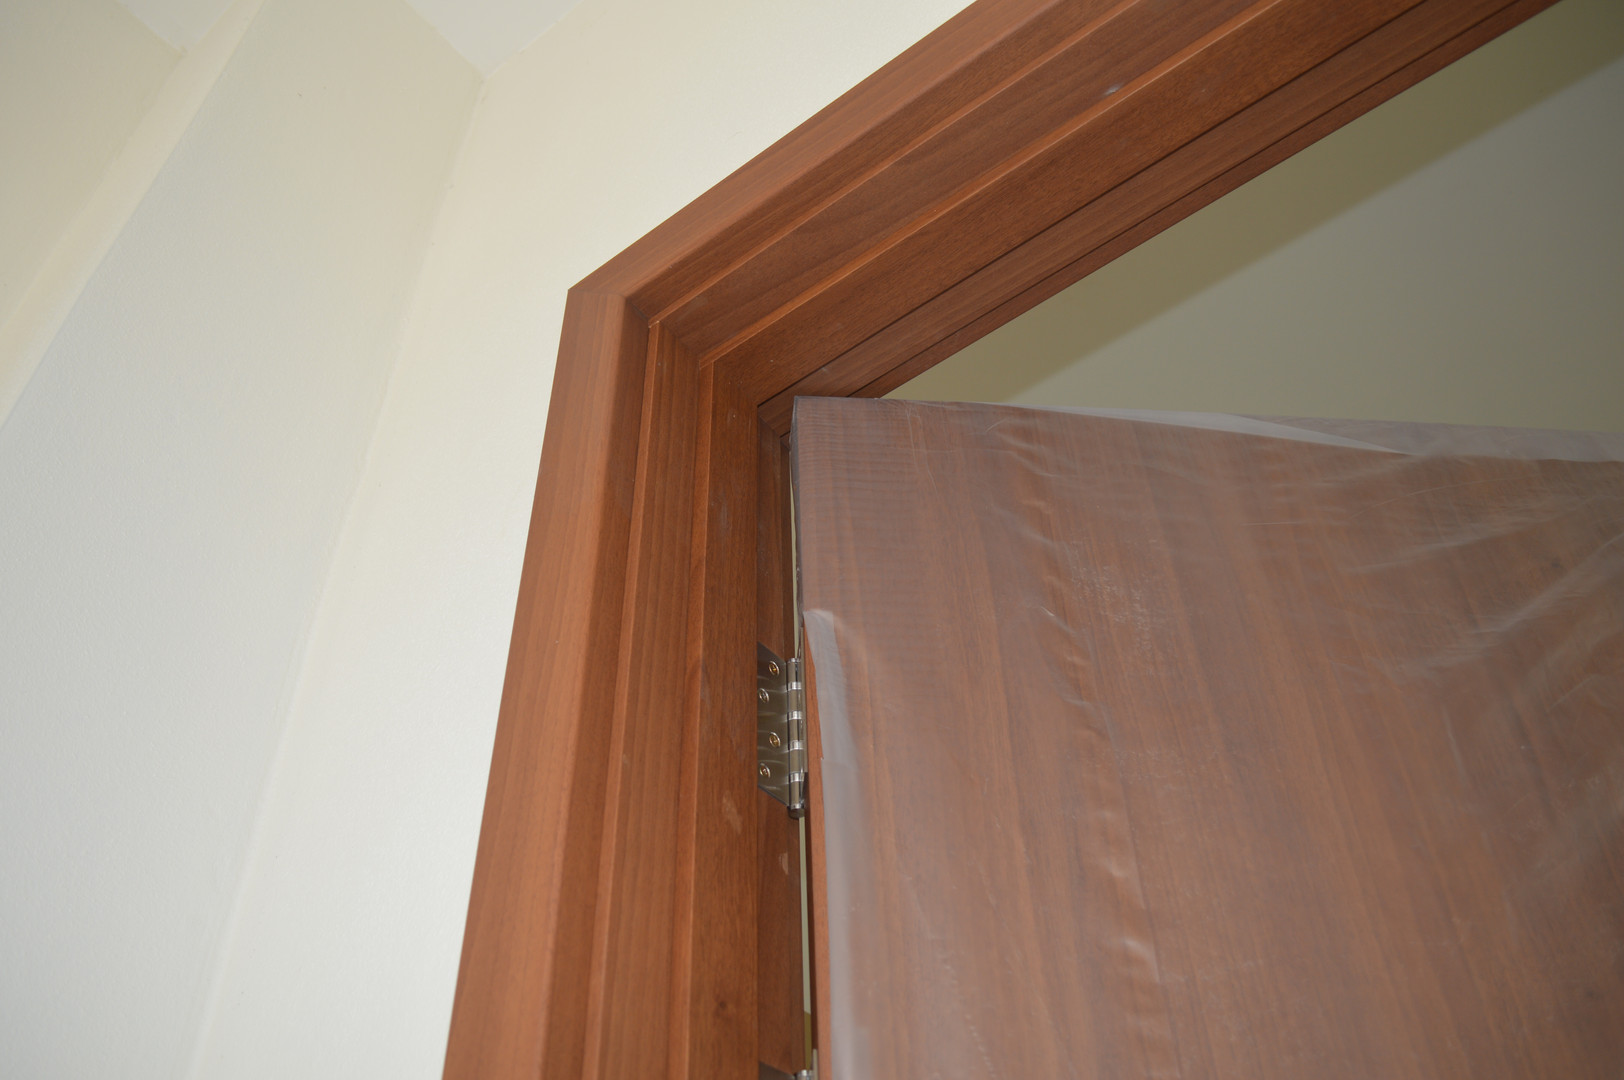 Grace Special Design 4 In 1 Door Frame